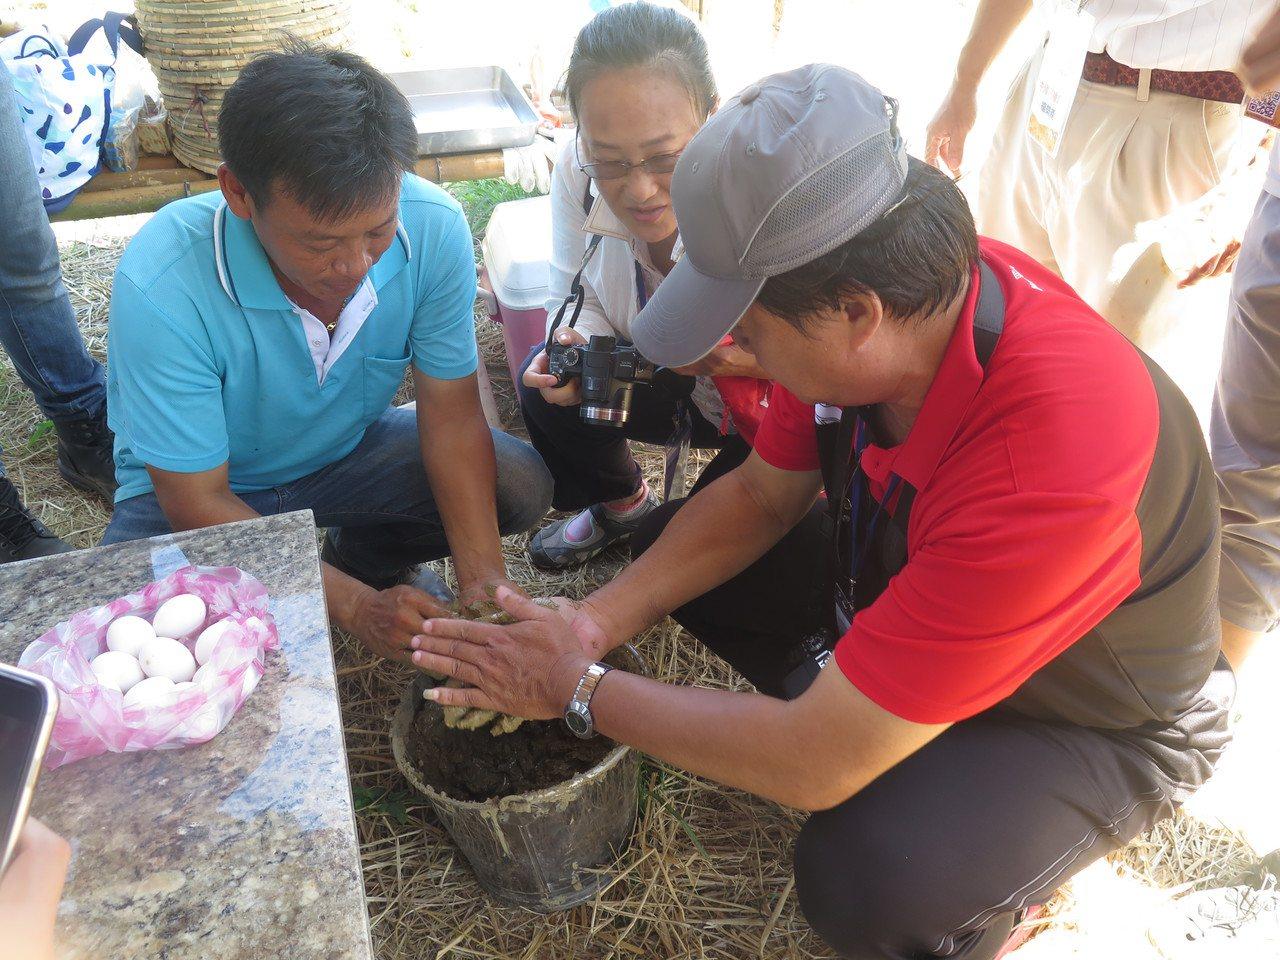 遊客還能在田裡玩農趣,體驗泥巴封窯。 記者徐庭揚/攝影